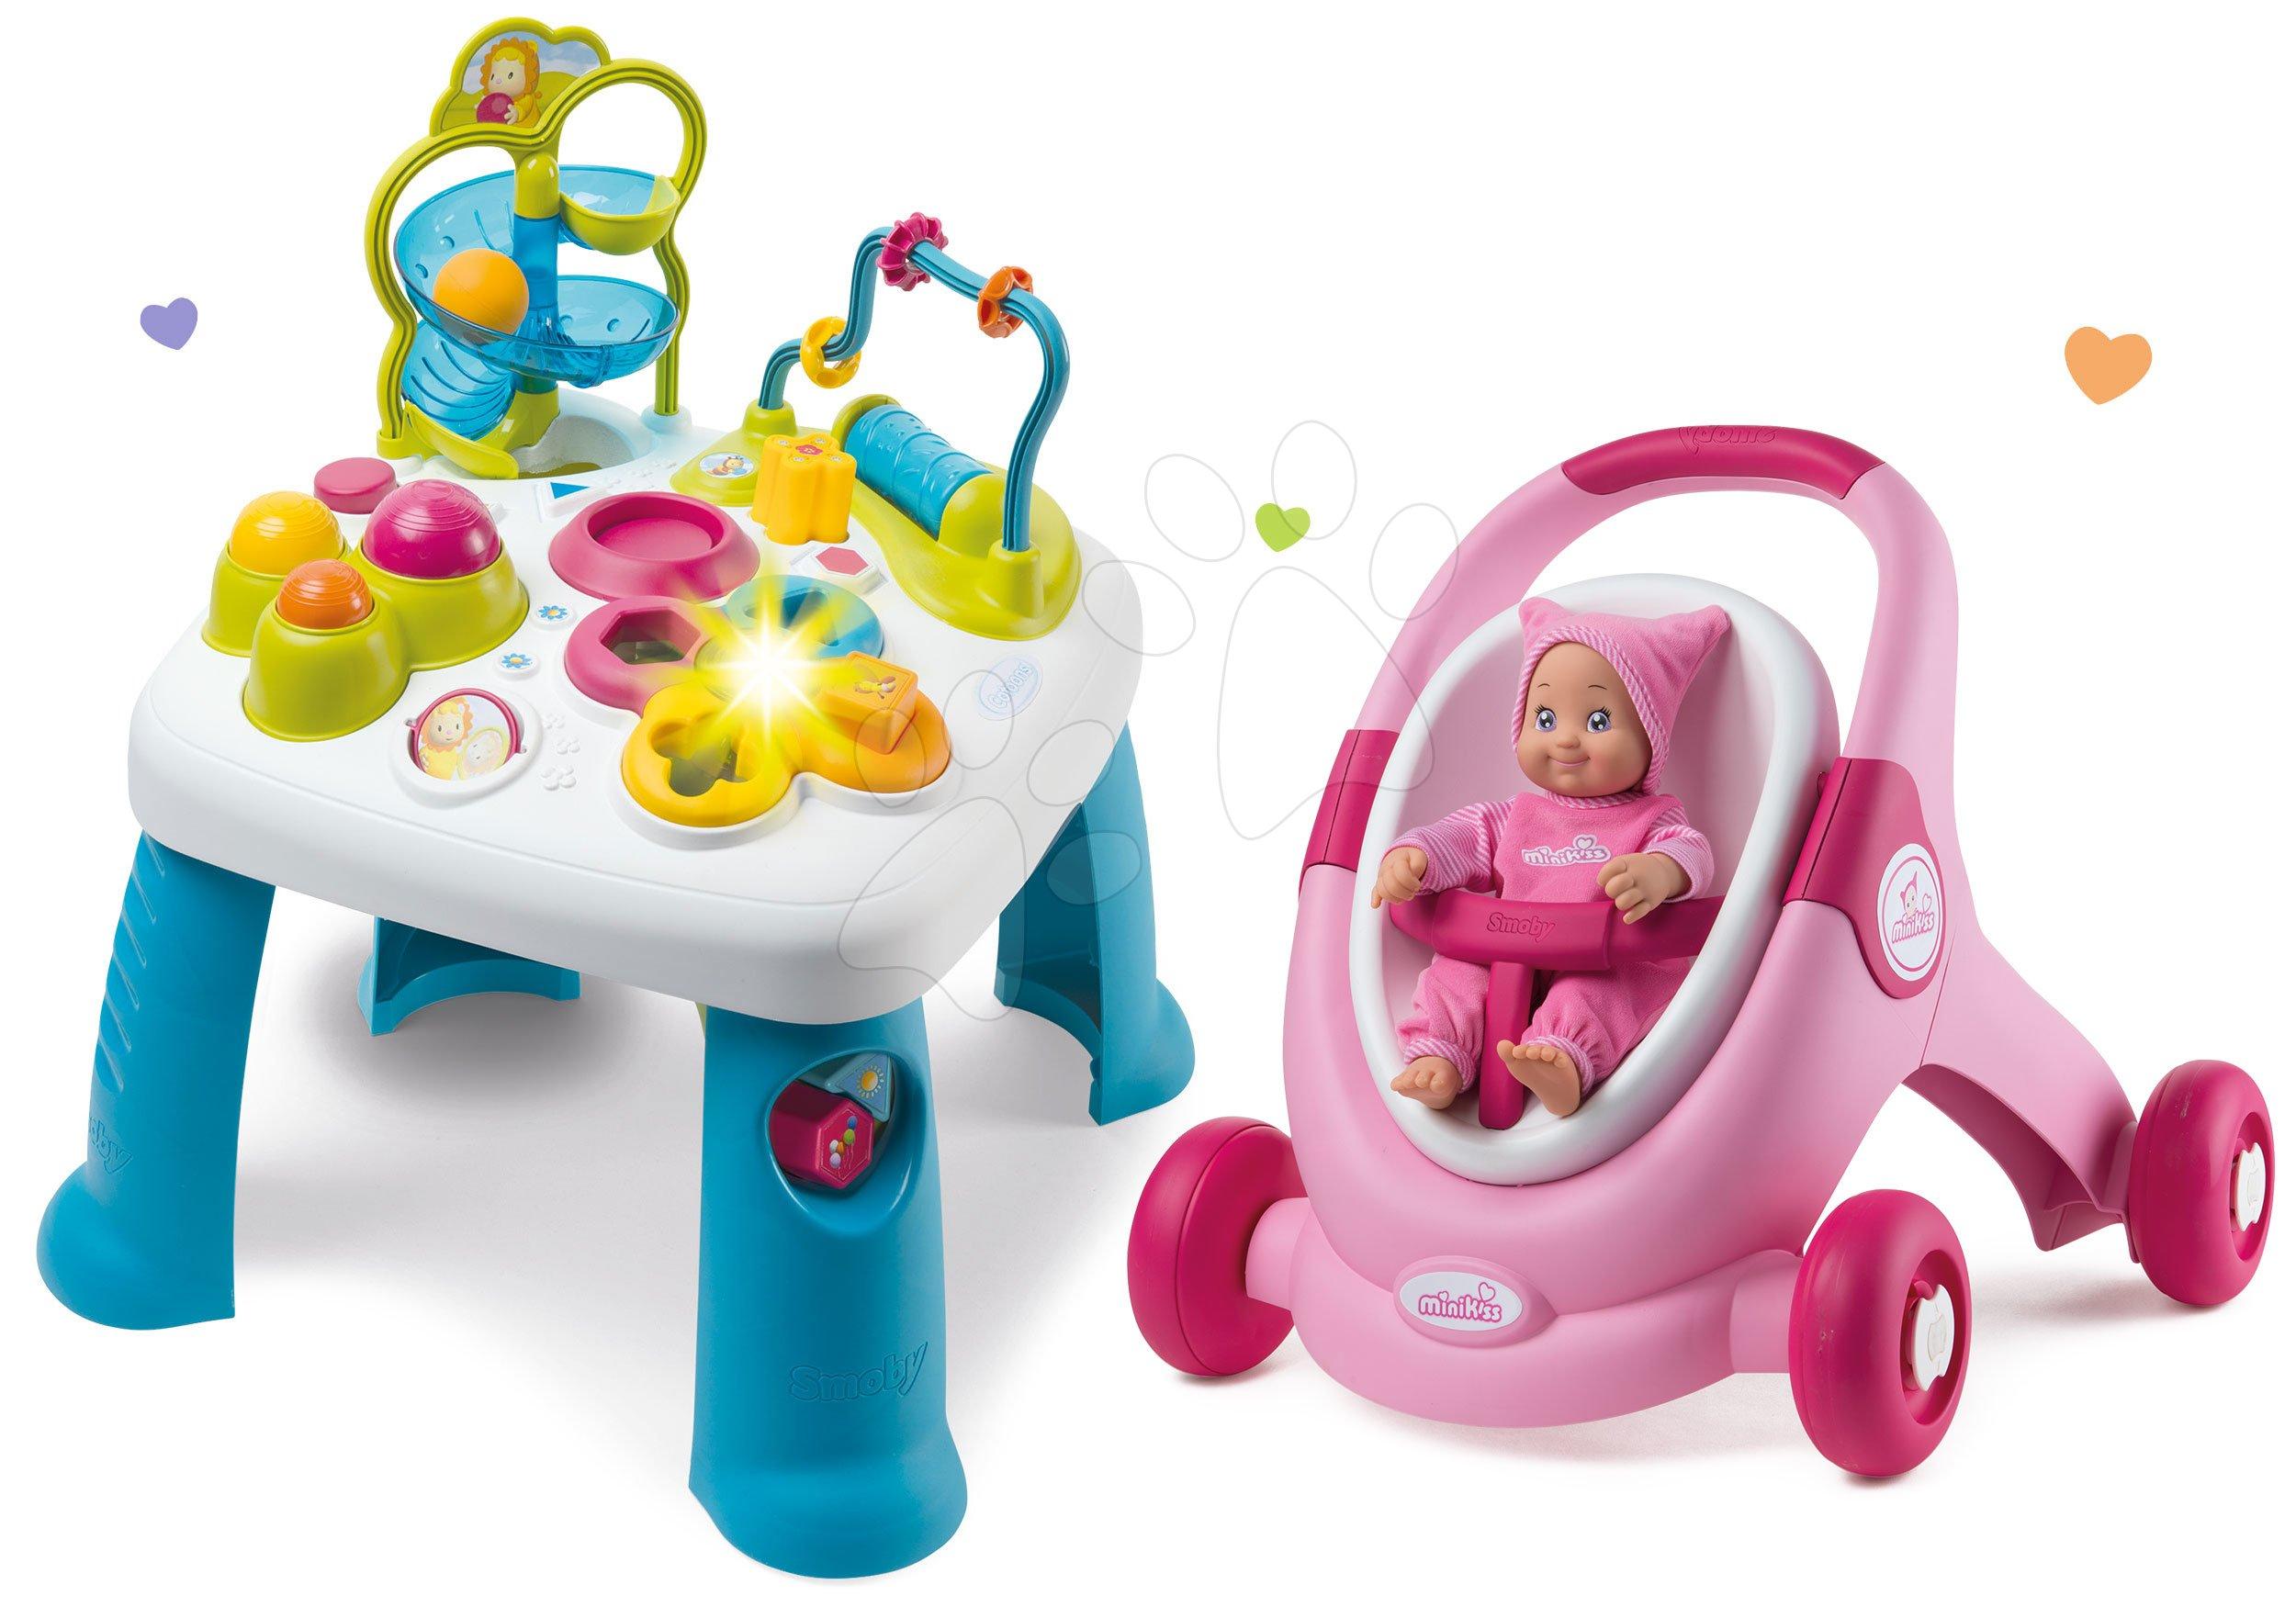 Smoby set didaktický stolík Cotoons, kočík a detské chodítko s bábikou MiniKiss 211067-9